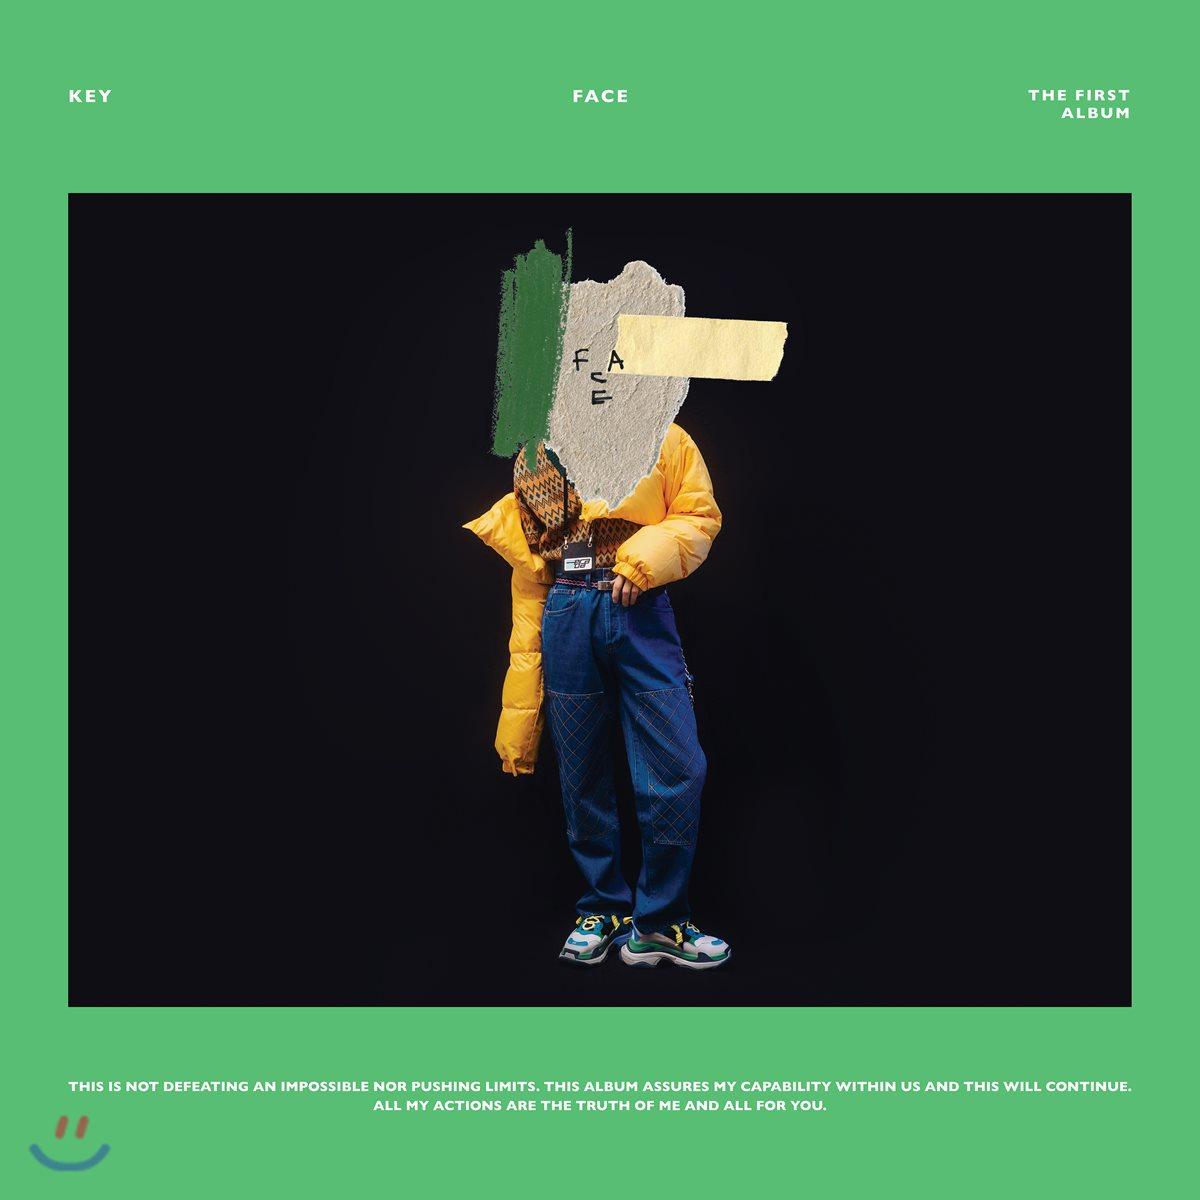 키 (Key) 1집 - Face [커버 2종 랜덤 발송]